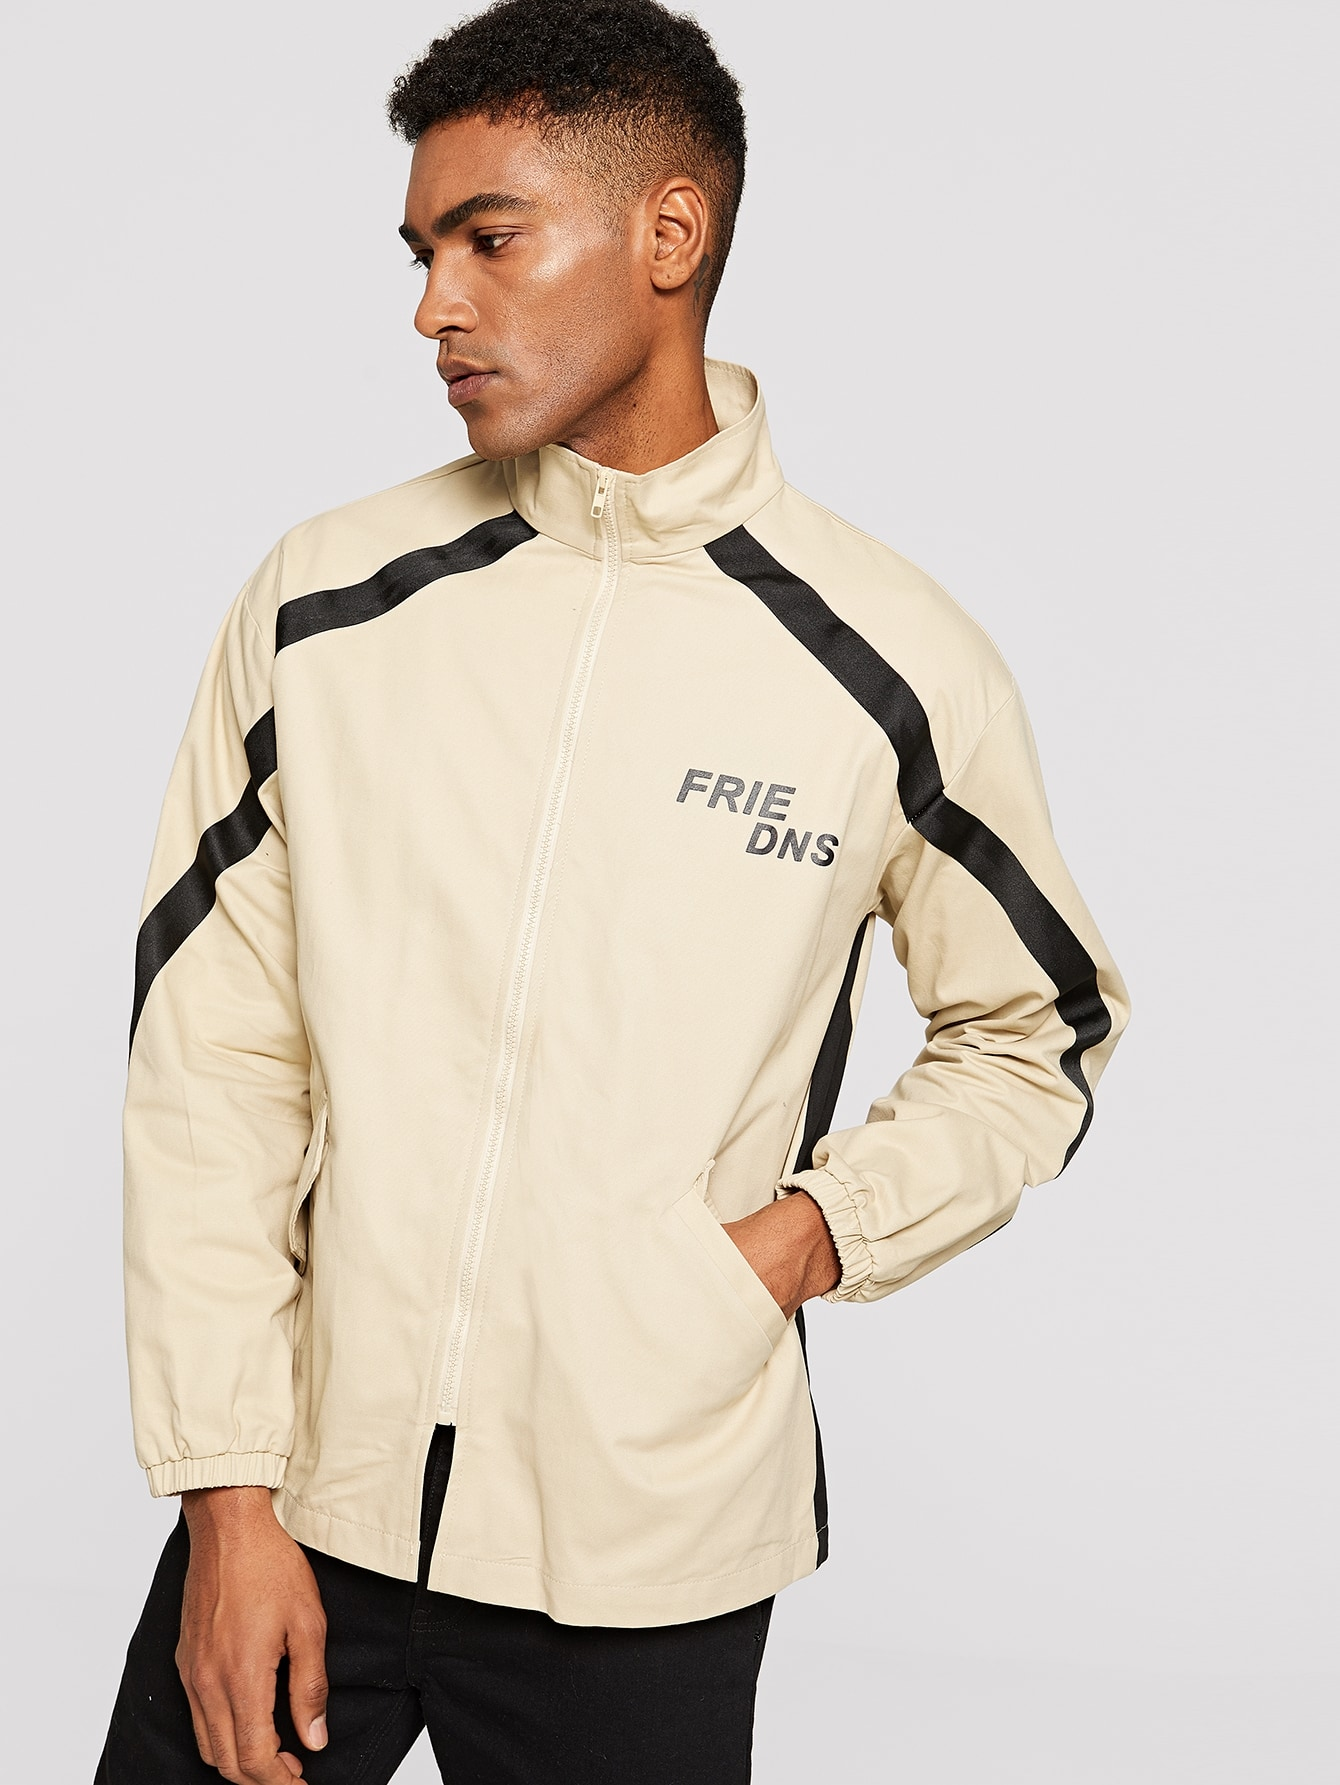 Купить Мужская контрастная куртка с молнией, Johnn Silva, SheIn